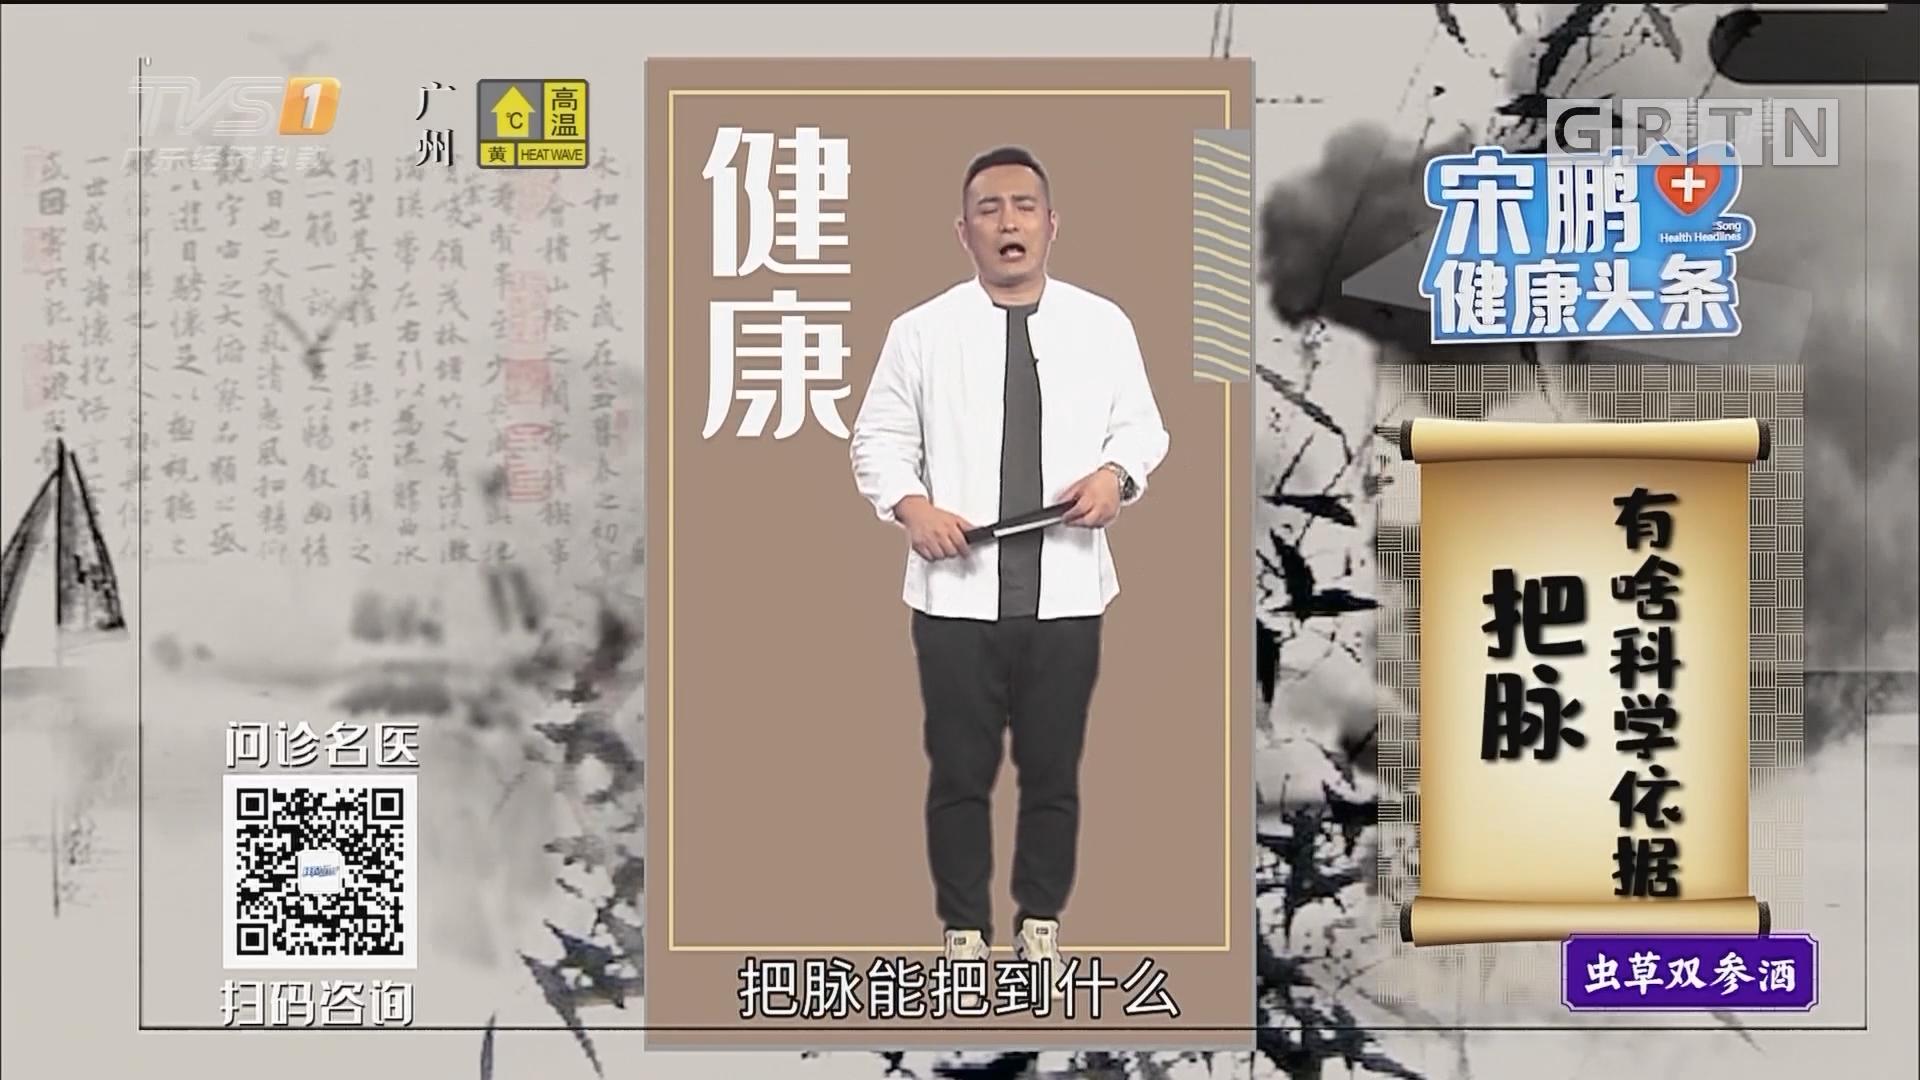 [HD][2019-09-13]经视健康+:宋鹏健康头条:把脉有啥科学依据